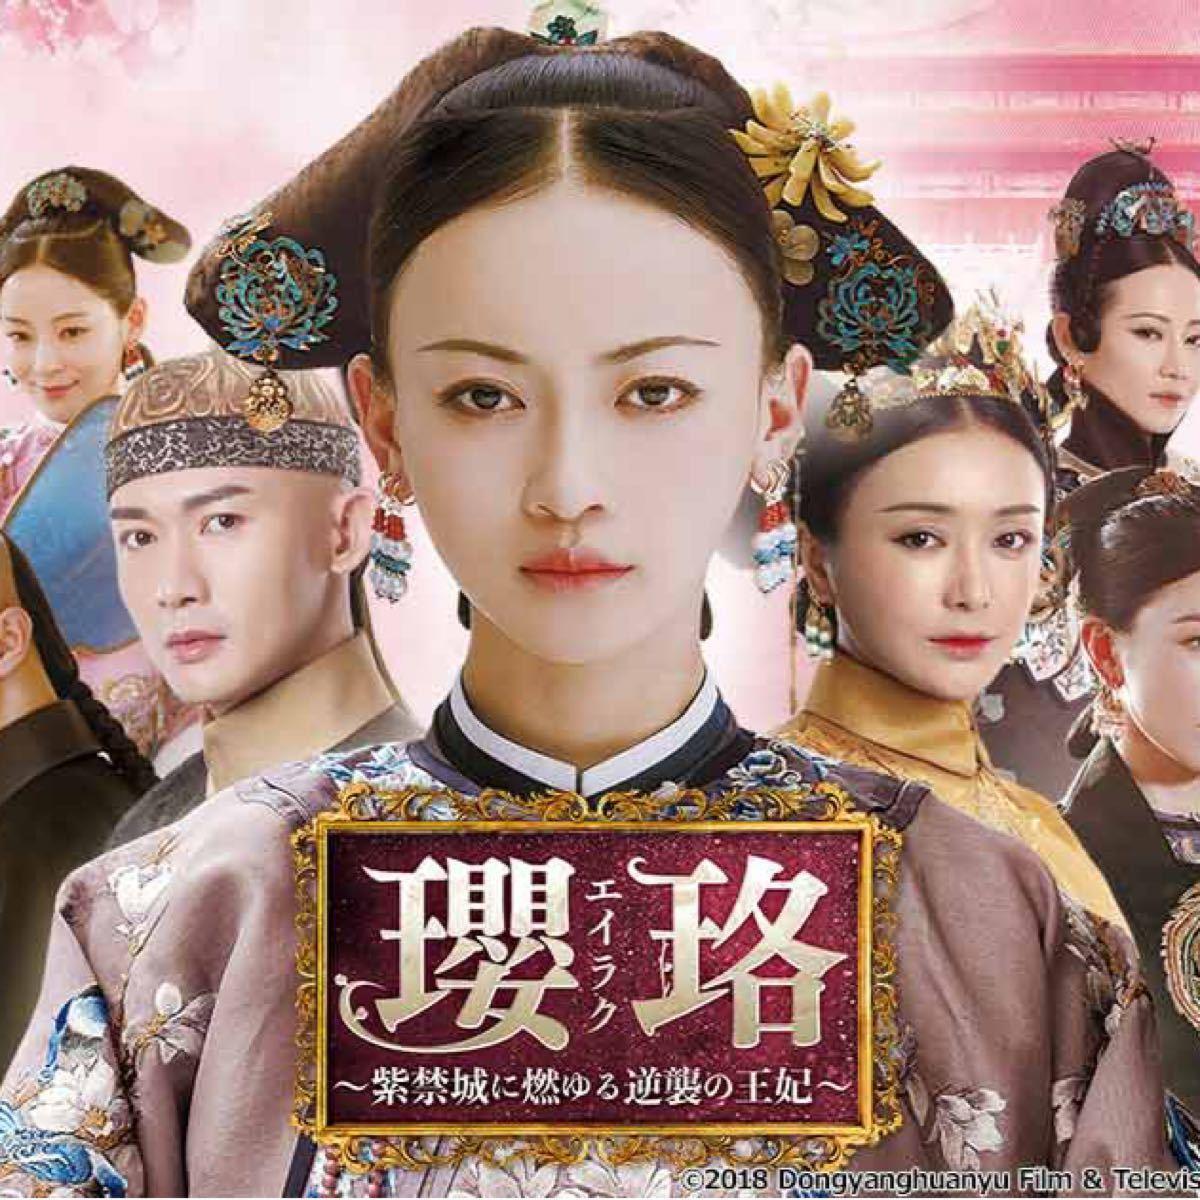 中国ドラマ『エイラク…紫禁城に燃ゆる逆襲の王妃』全話